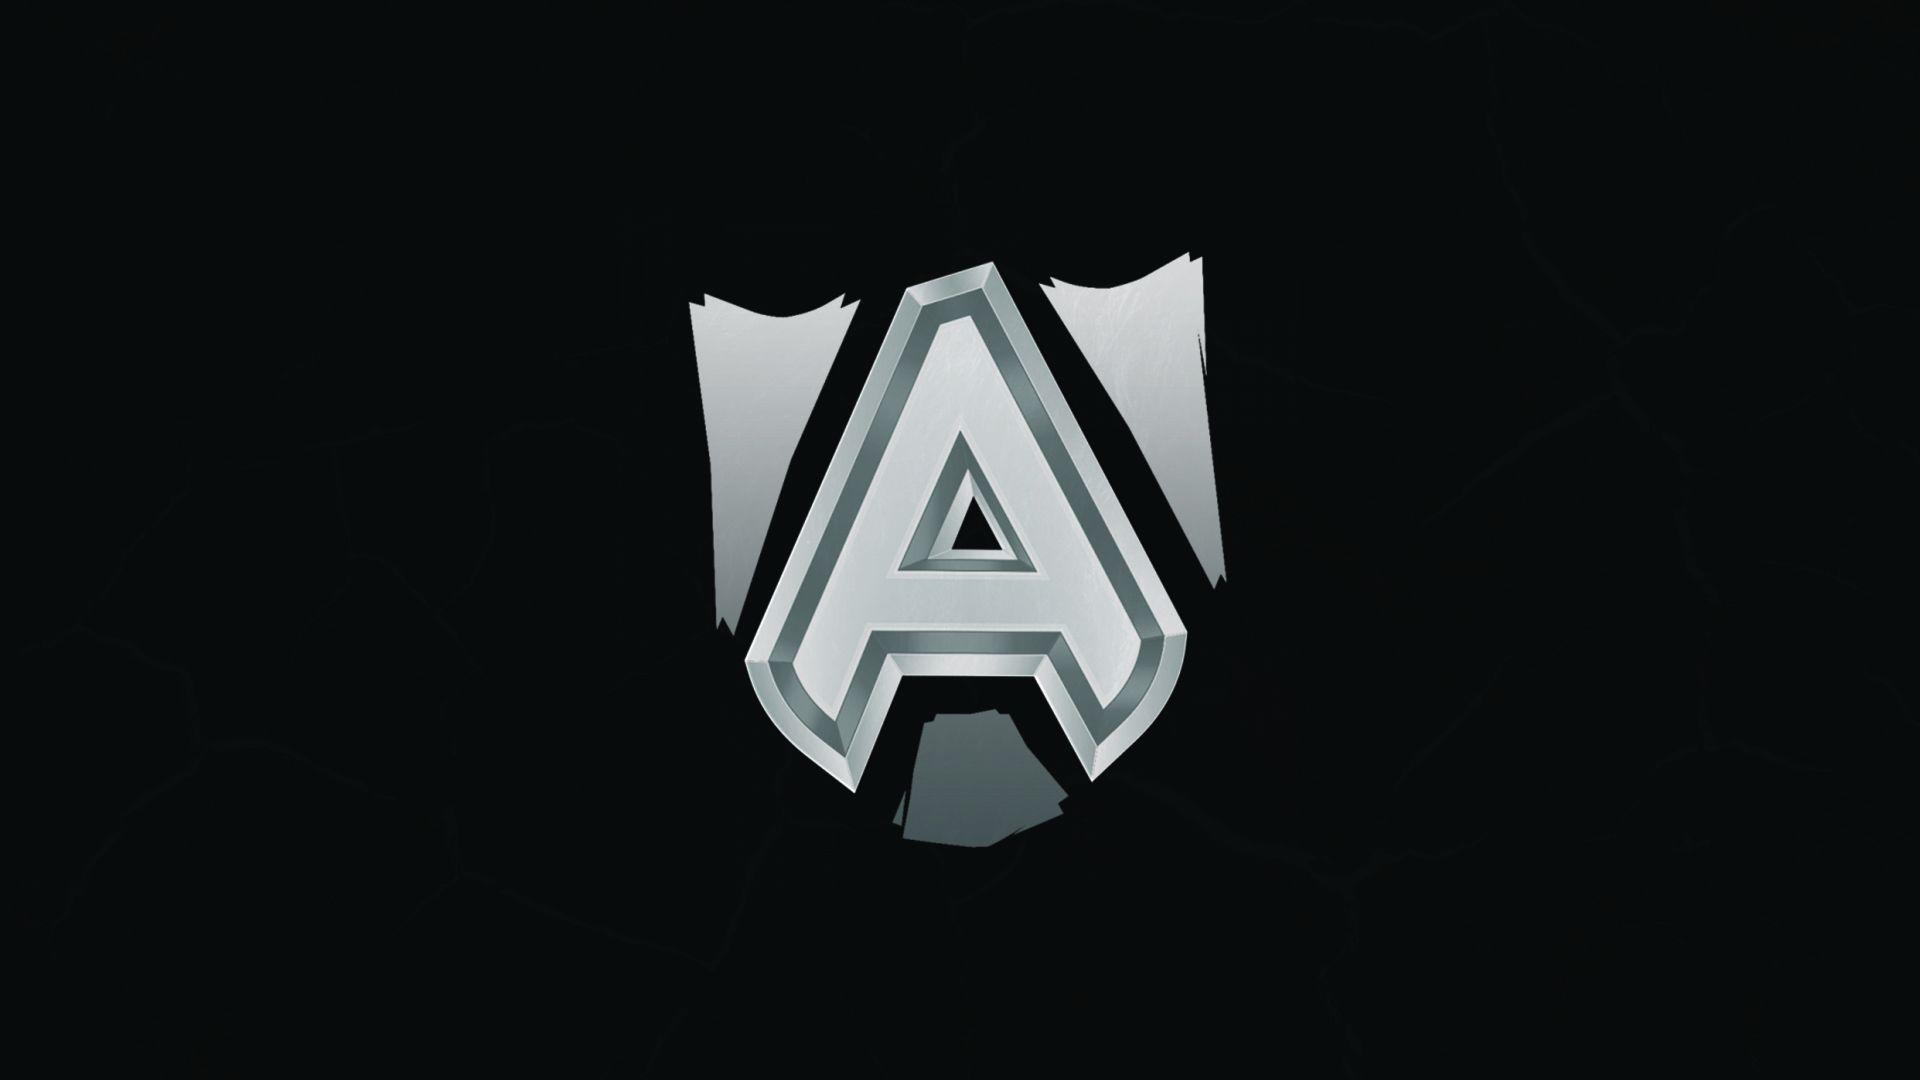 Ostkaka joins team Alliance